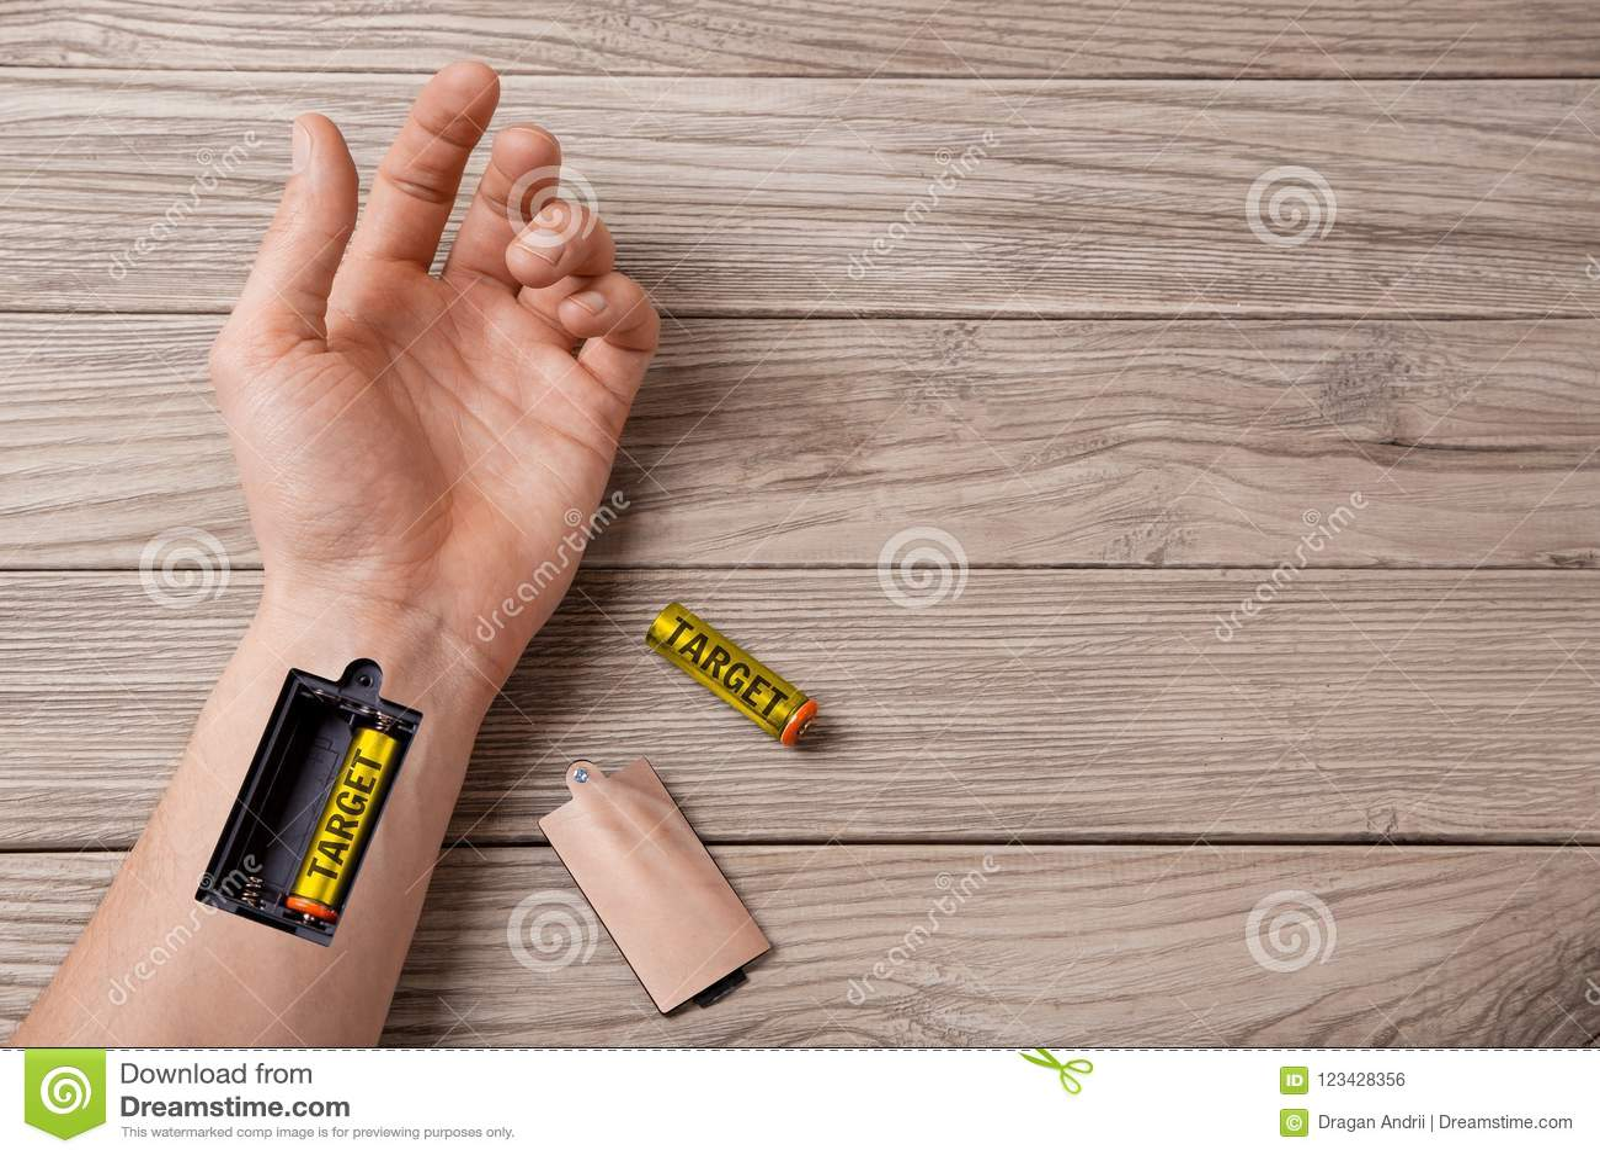 Στόχος Χέρι ενός ατόμου με την αυλάκωση για τη φόρτιση του στόχου μπαταριών